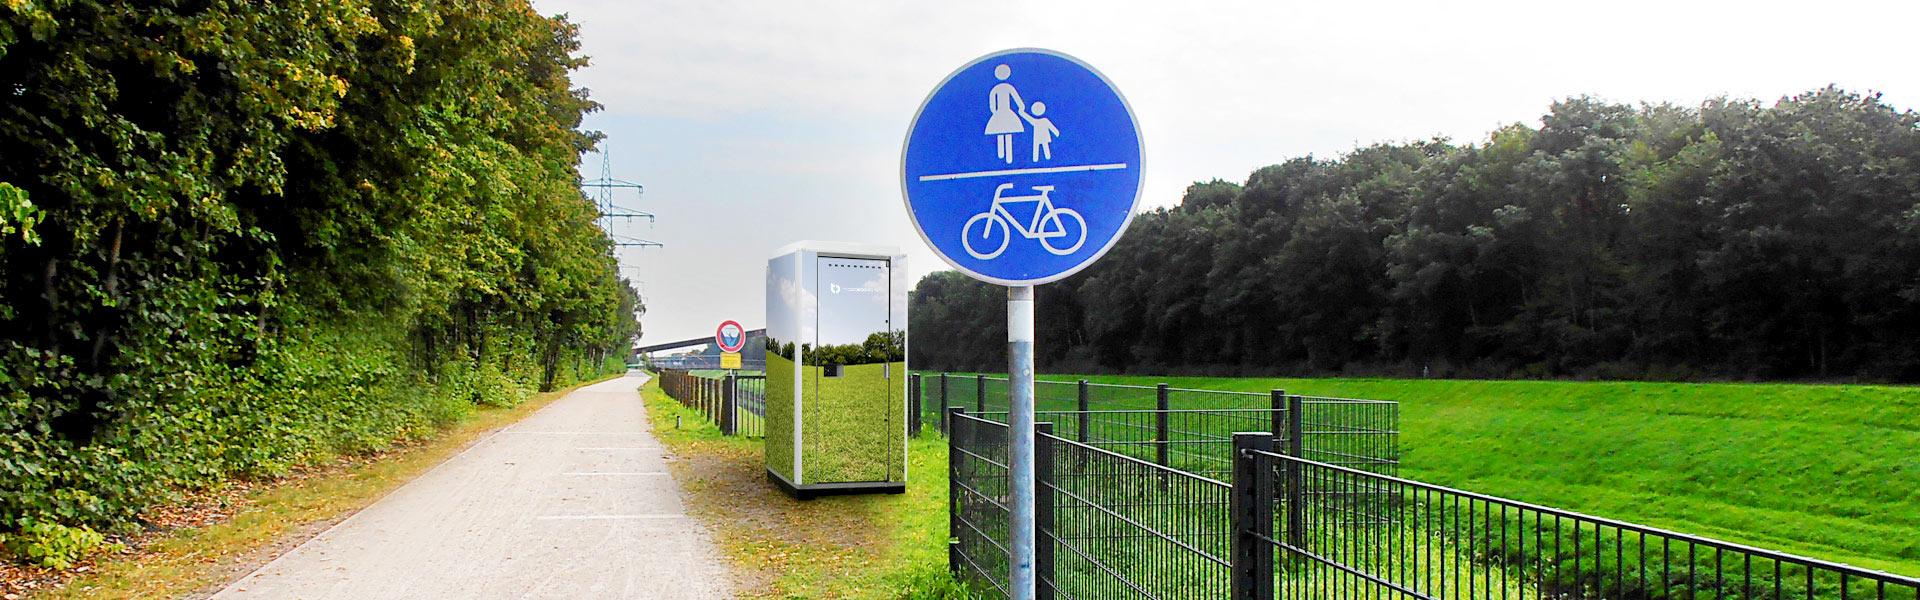 Toidesign - cyklostezka